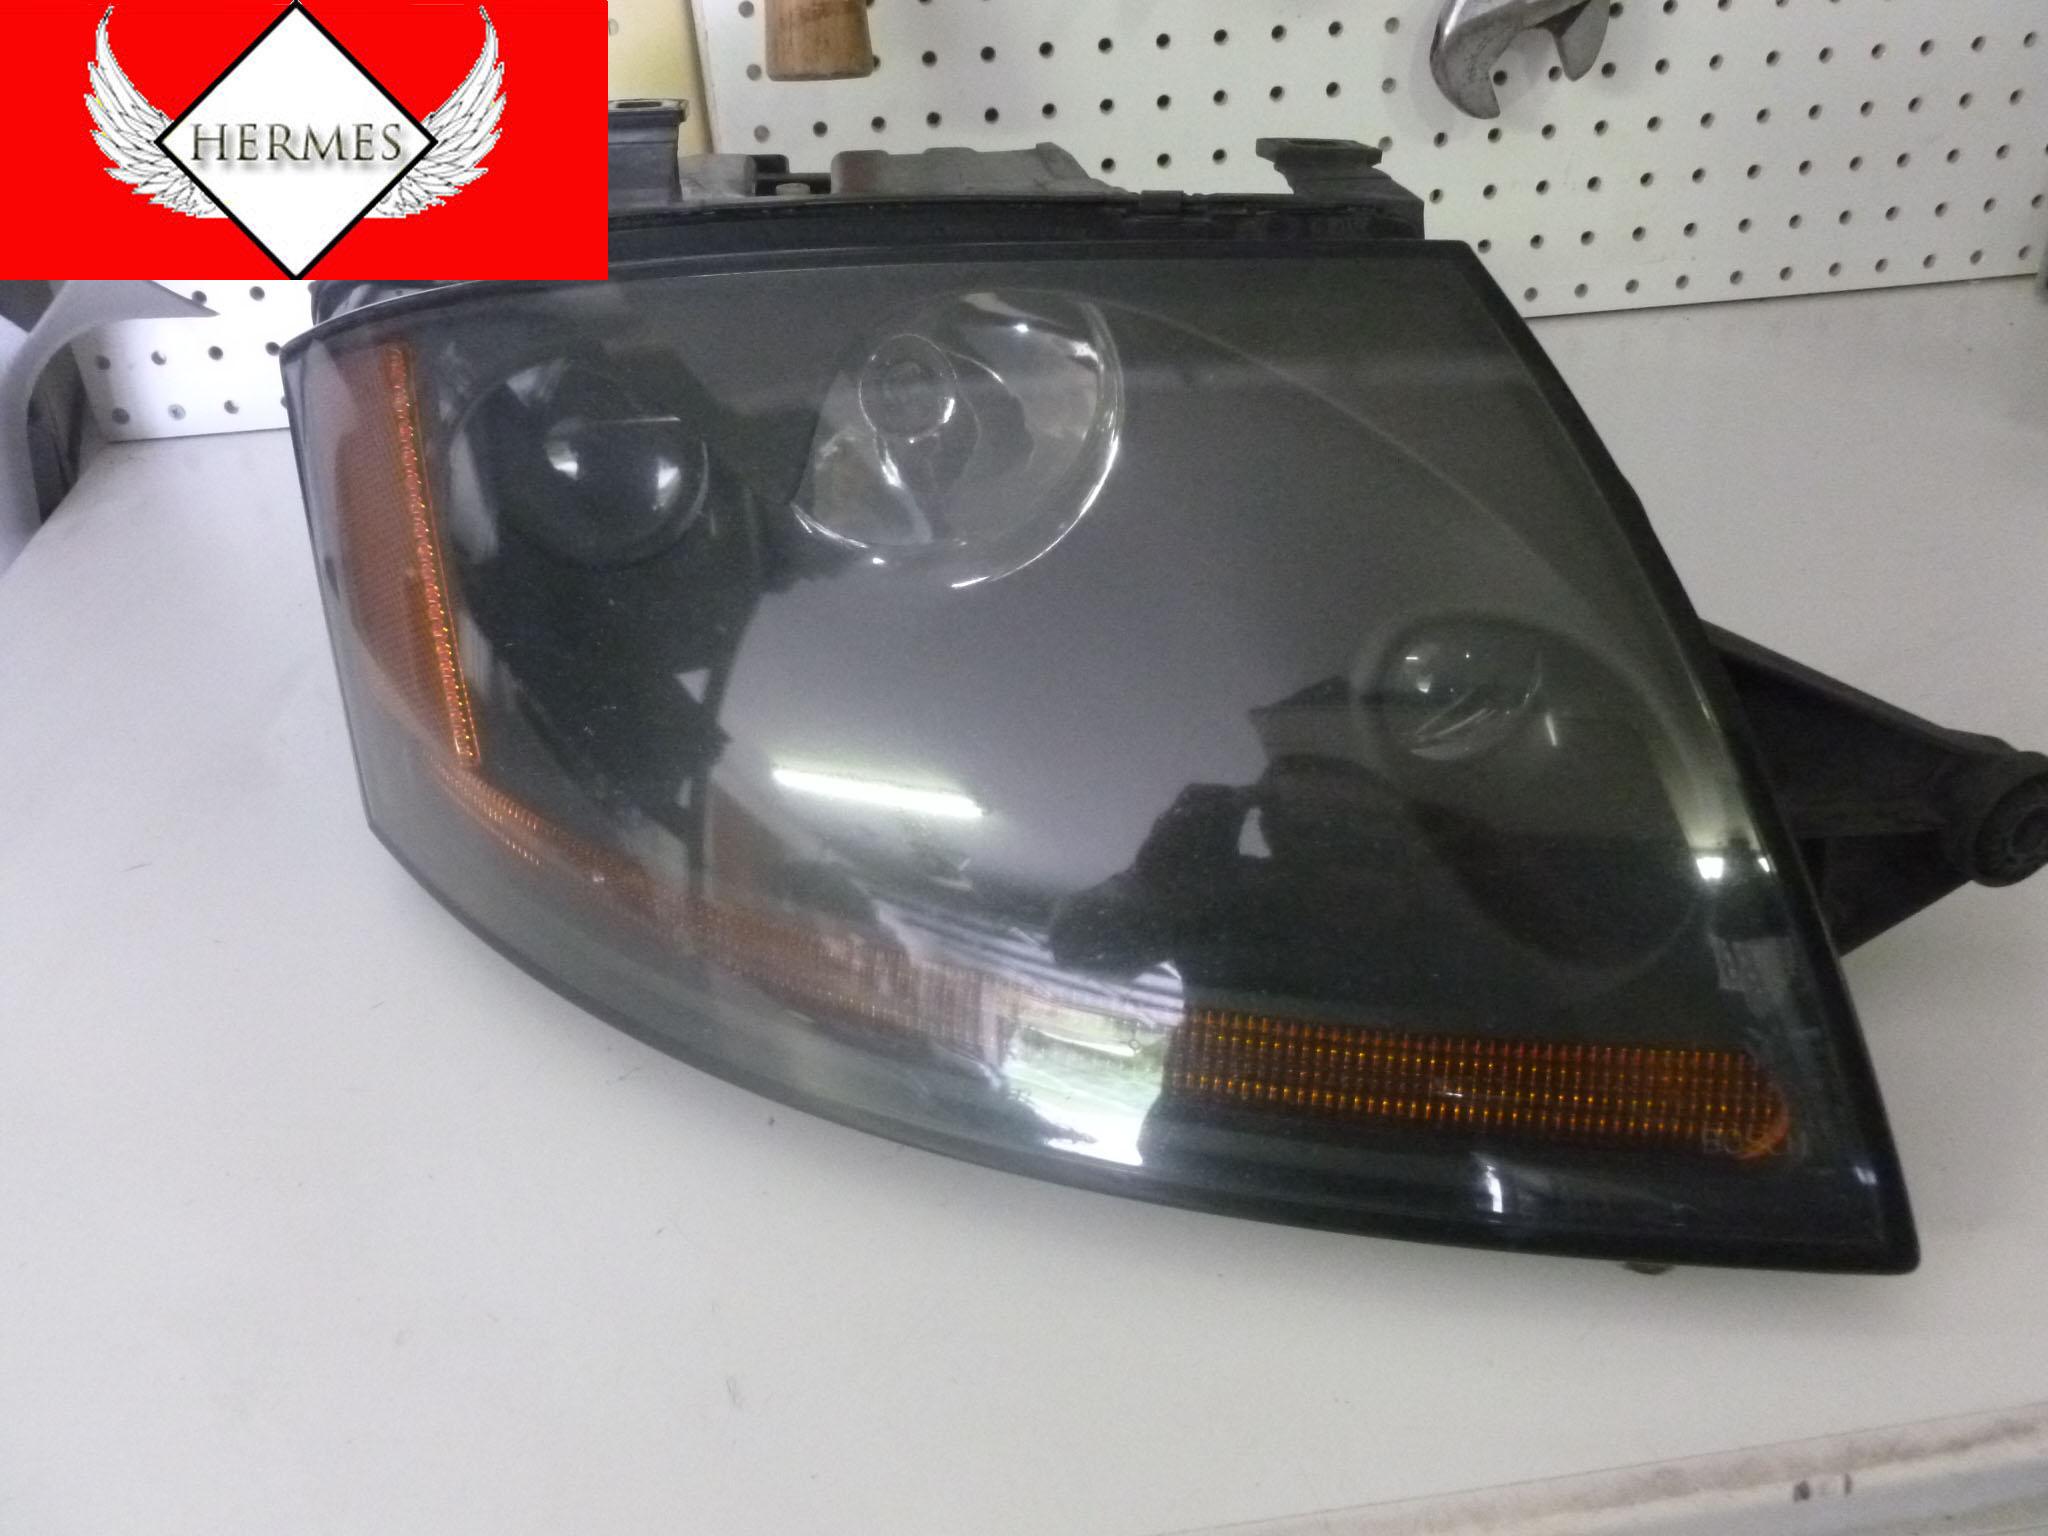 2000 Audi TT Mk1 / 8N - Xenon HiD Headlight, Right 8N0941004T ...